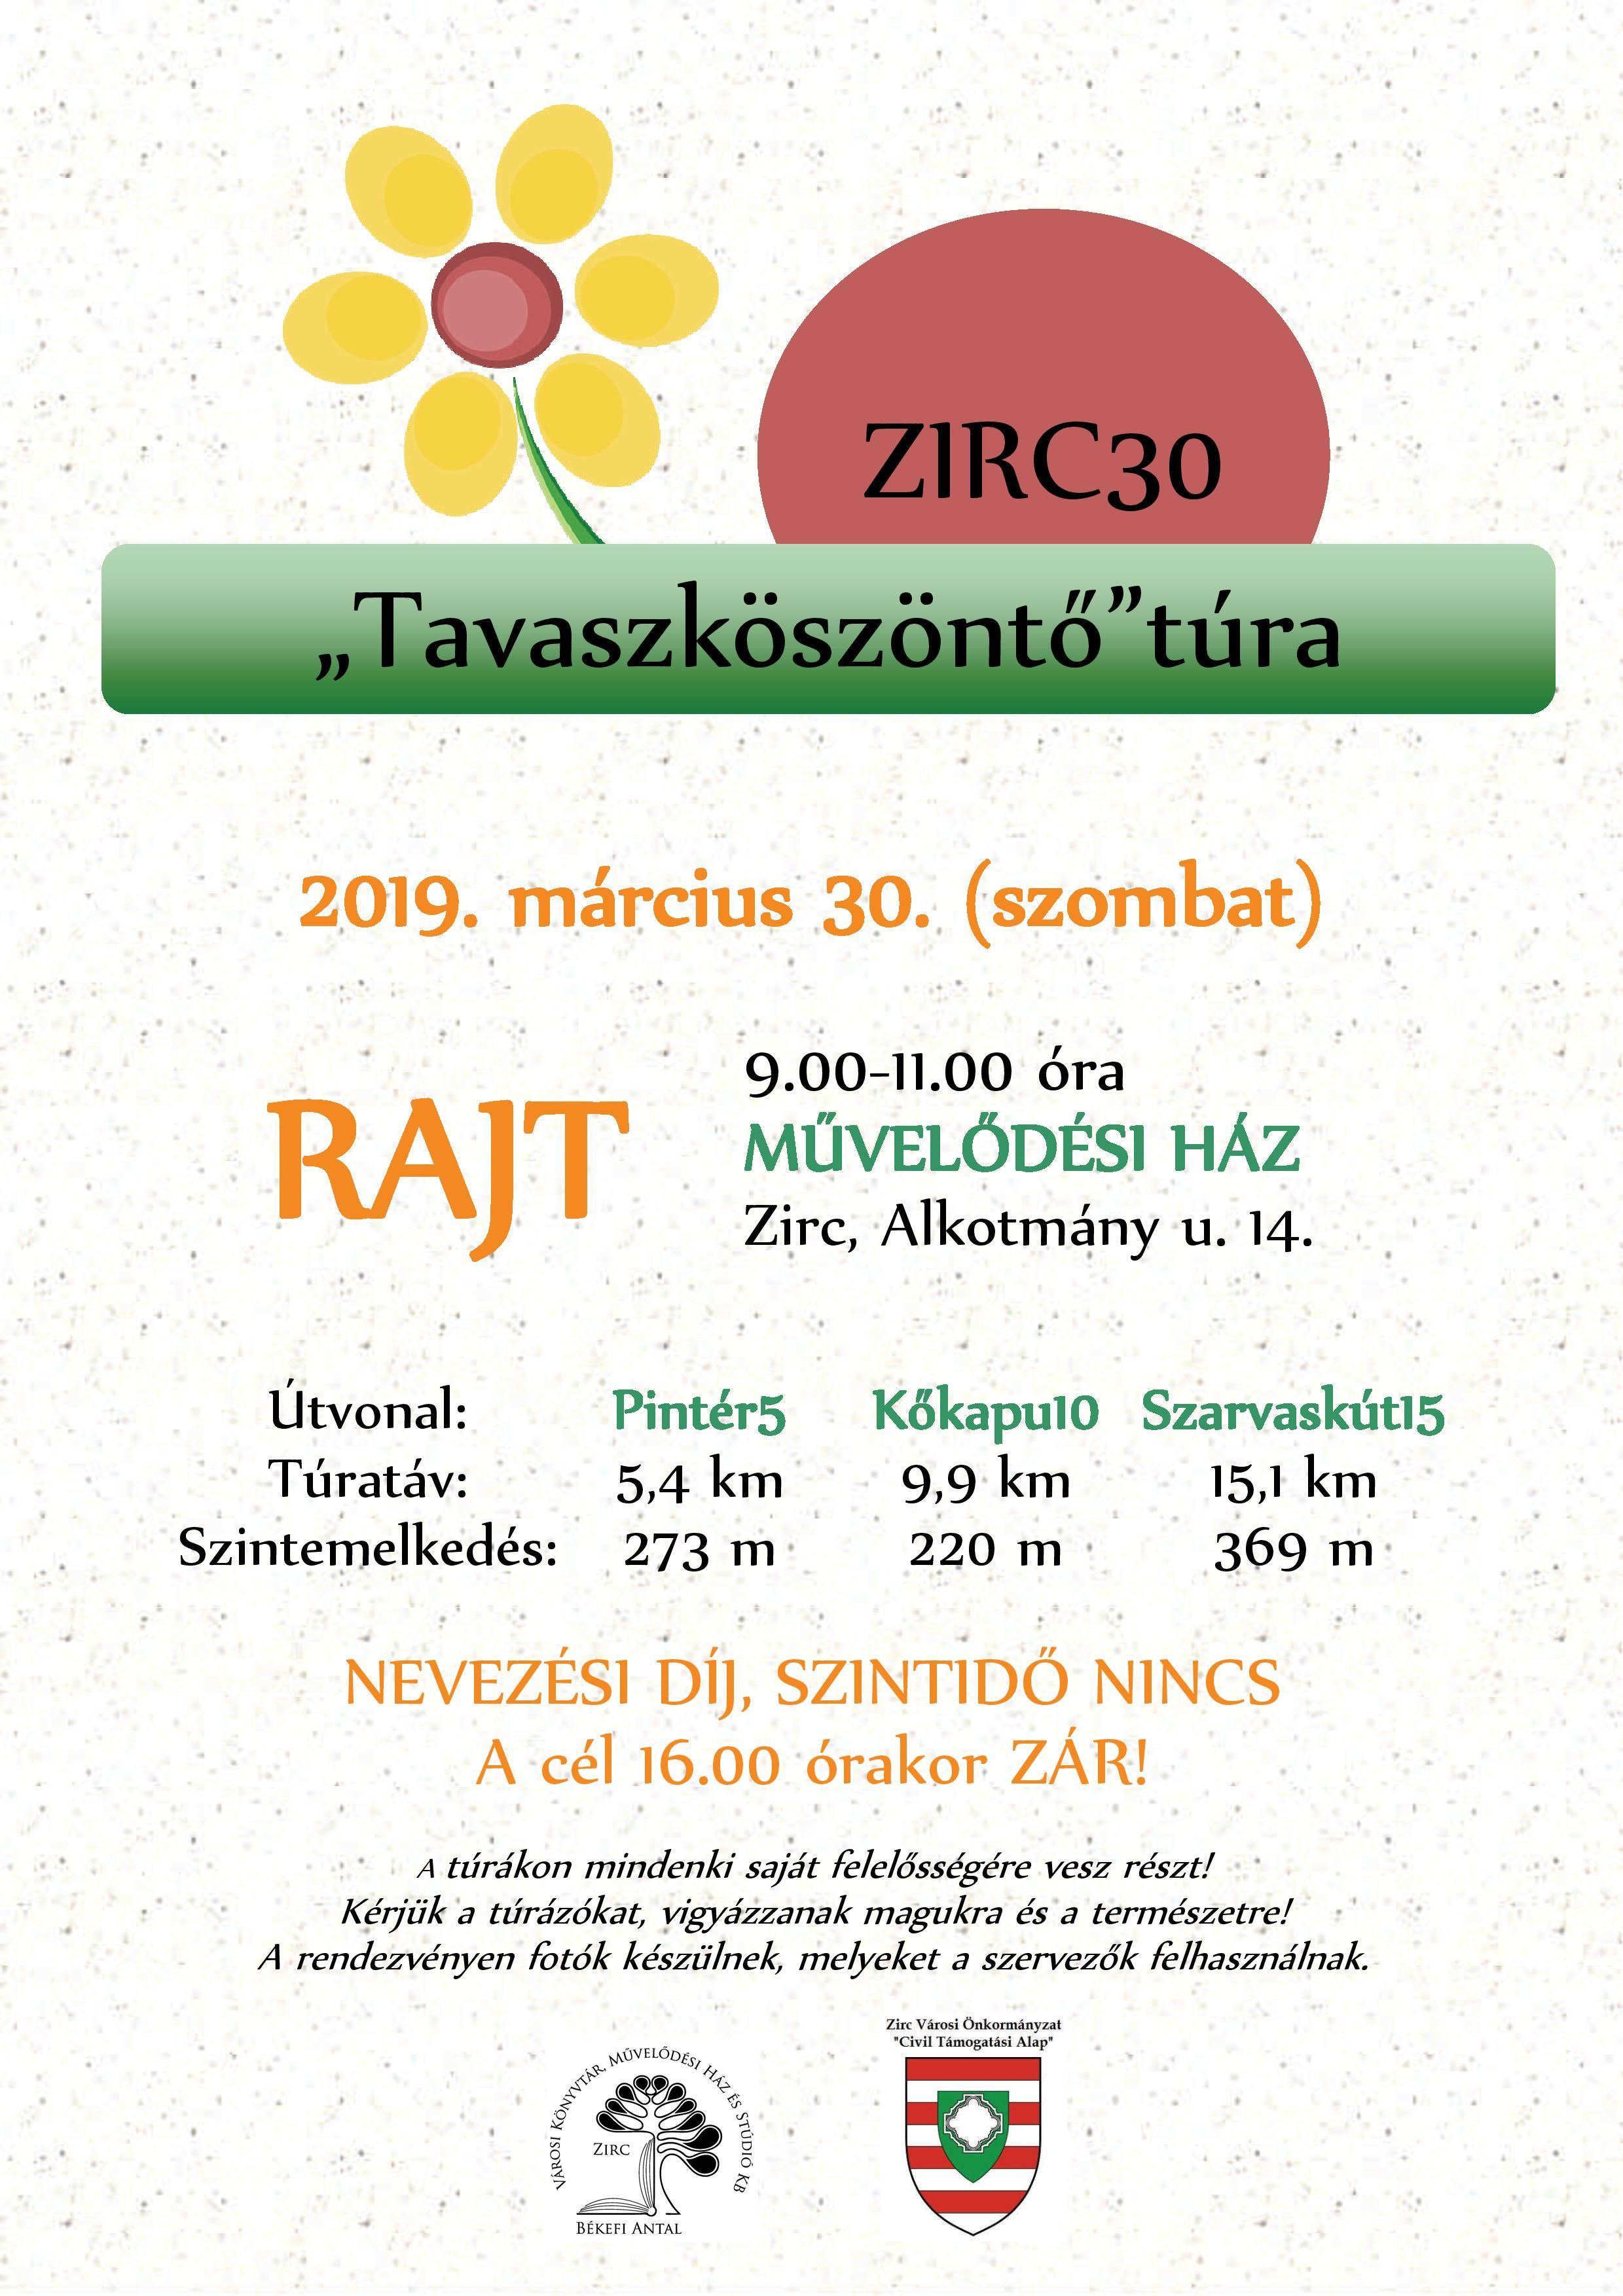 2019-03-30_zirc30_tavaszkoszonto_tura.jpg